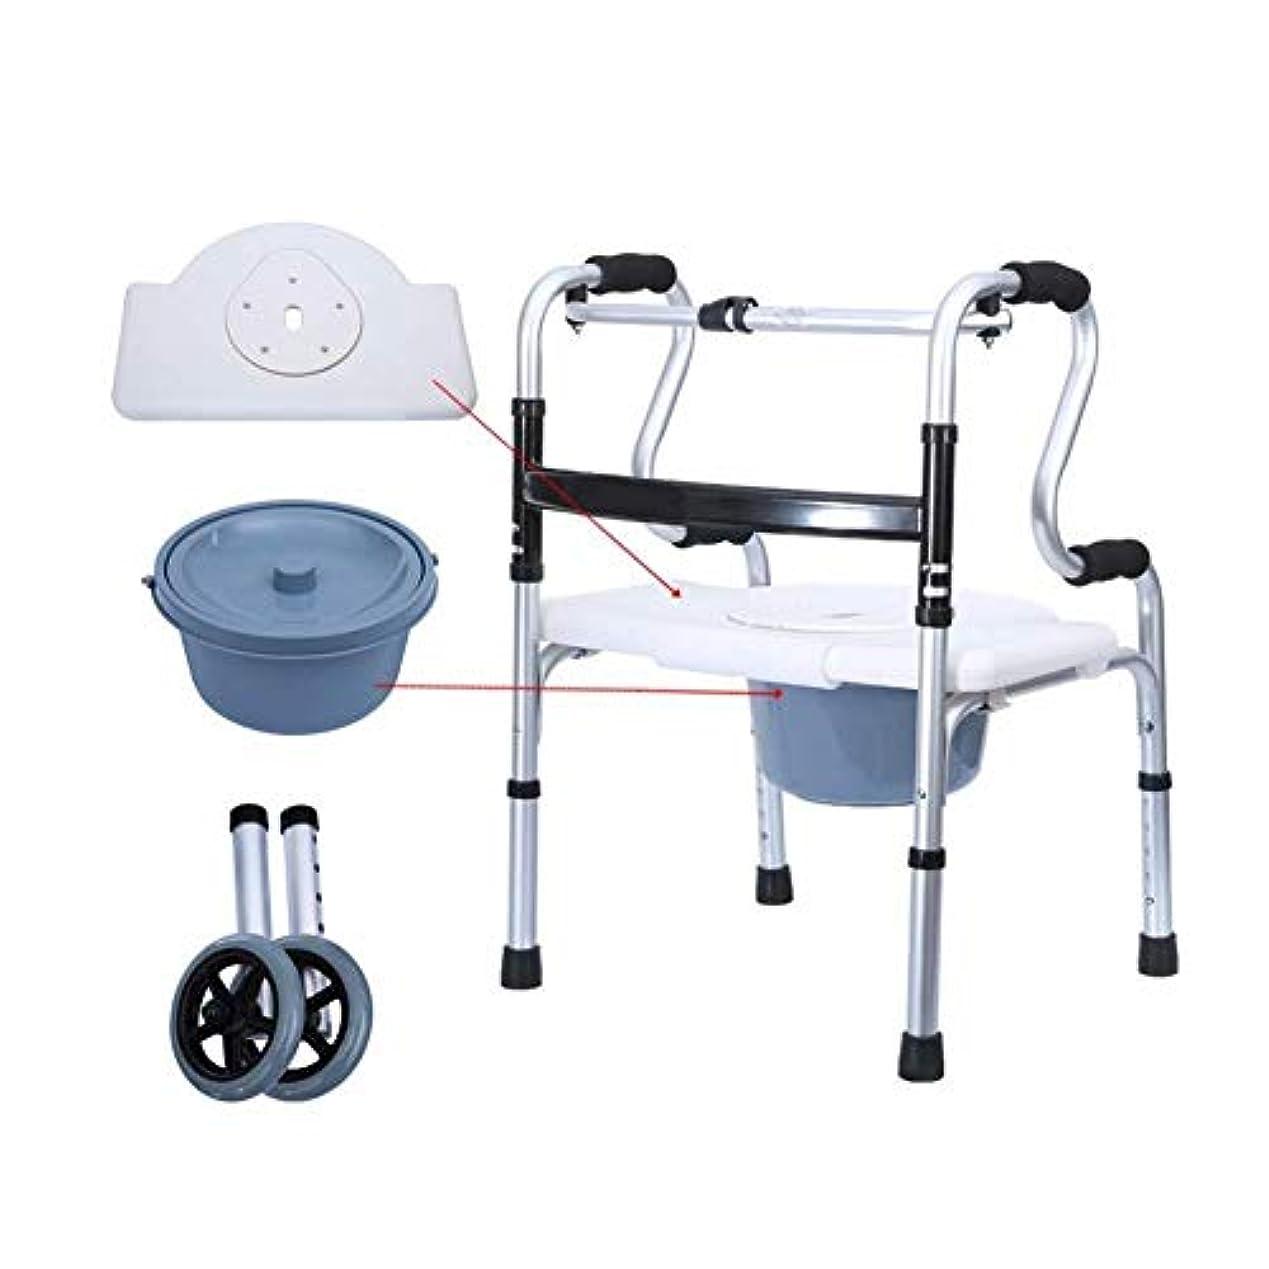 純度倒産肺折りたたみ式軽量アルミニウム合金歩行障害者老人用松葉杖歩行補助椅子